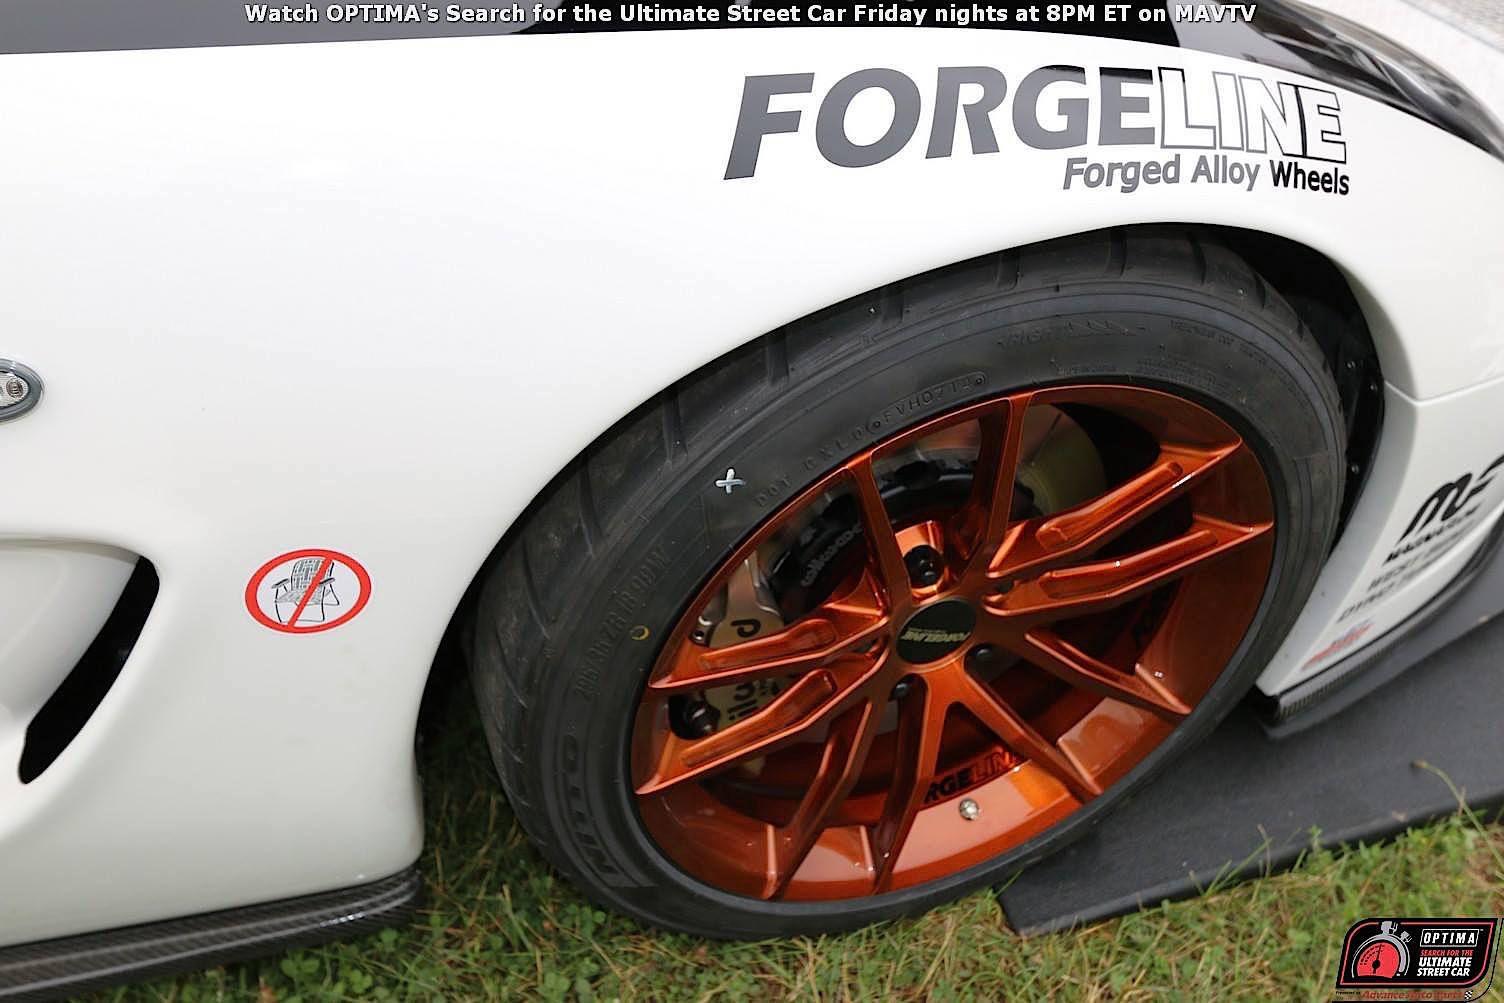 2002 Chevrolet Corvette Z06 | D&Z Customs C5 Z06 on Forgeline AR1 Wheels